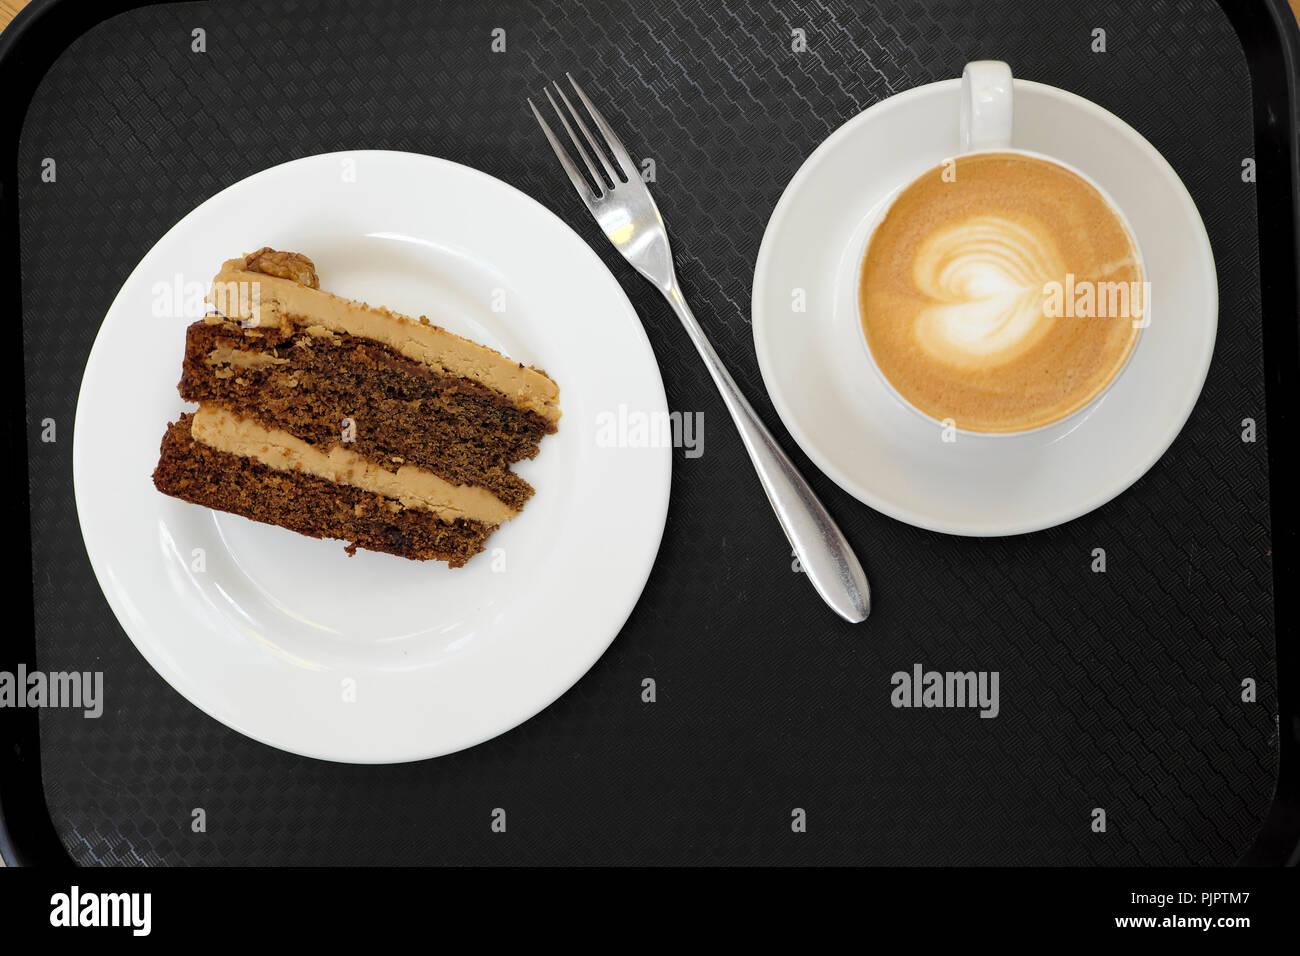 Vista aérea de una taza de café lechoso espumosa con diseño en forma de corazón, horquilla, chocolate nuez pastel sobre fondo negro en London UK KATHY DEWITT Foto de stock